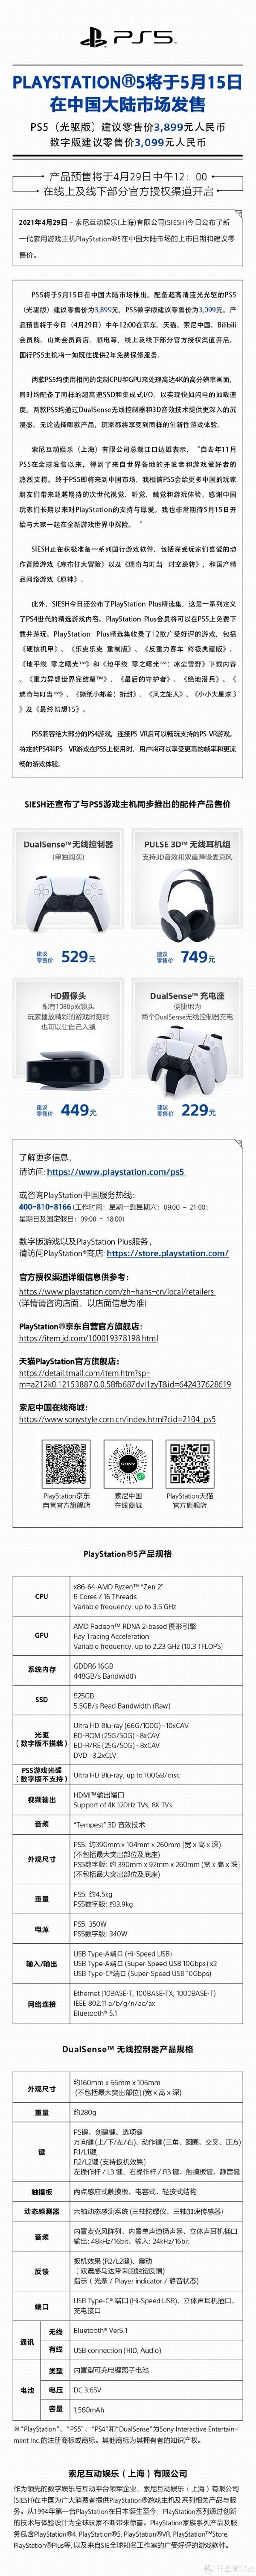 3099元起售一图看懂索尼PS5国行;车主再曝买特斯拉遭销售欺诈